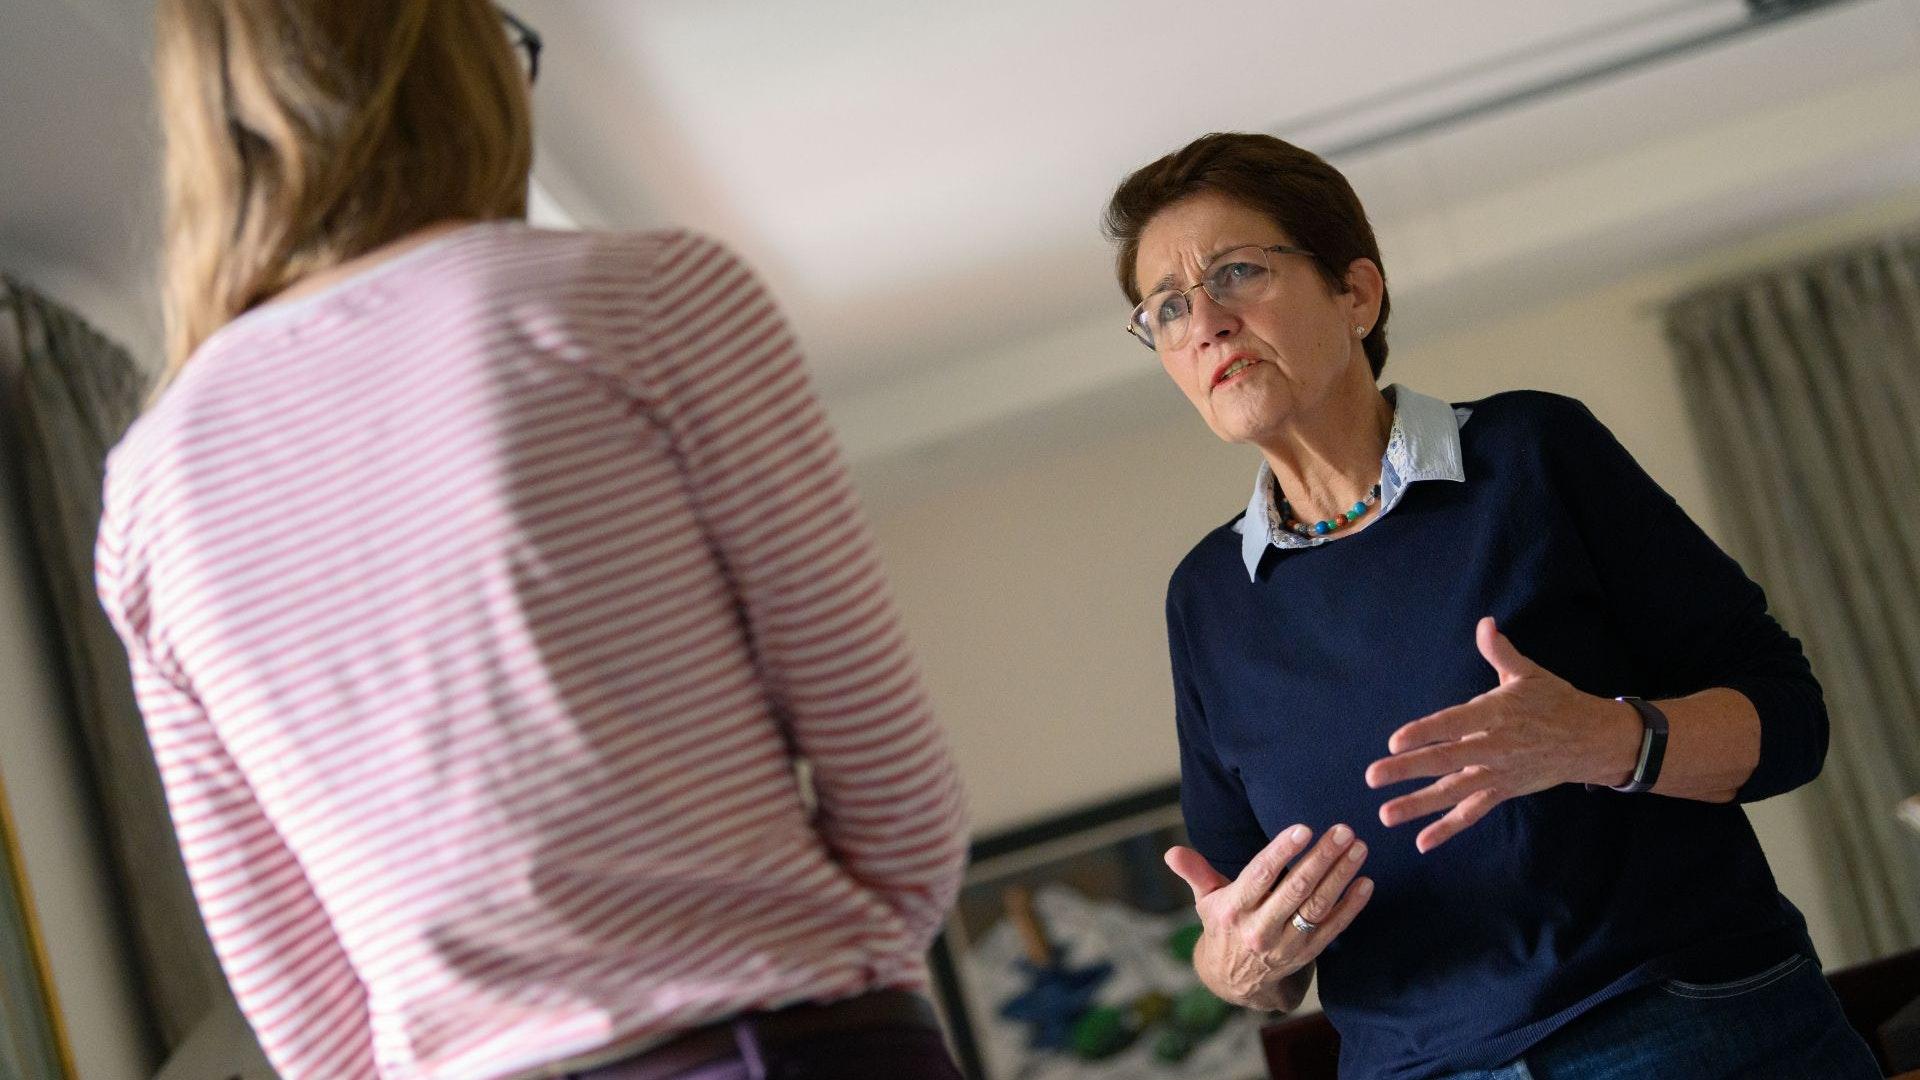 Sie ist eine Kämpferin für Integration: Ursula gr. Holthaus aus Lohne erhält am Dienstag das Bundesverdienstkreuz. Foto: dpa/Assanimoghaddam